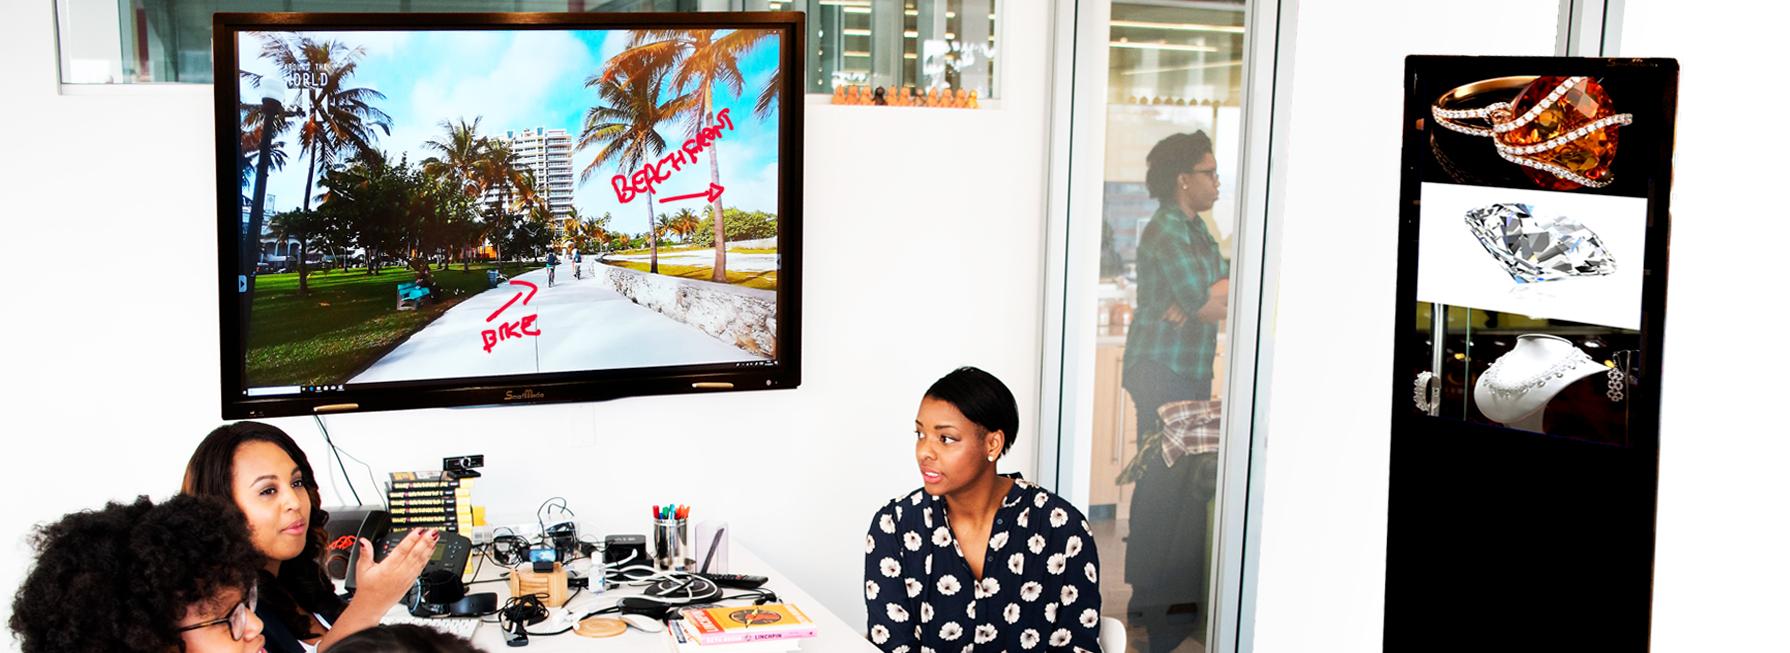 Monitor e Totem Interattivi SmartMedia nelle aree digitali delle sale riunioni